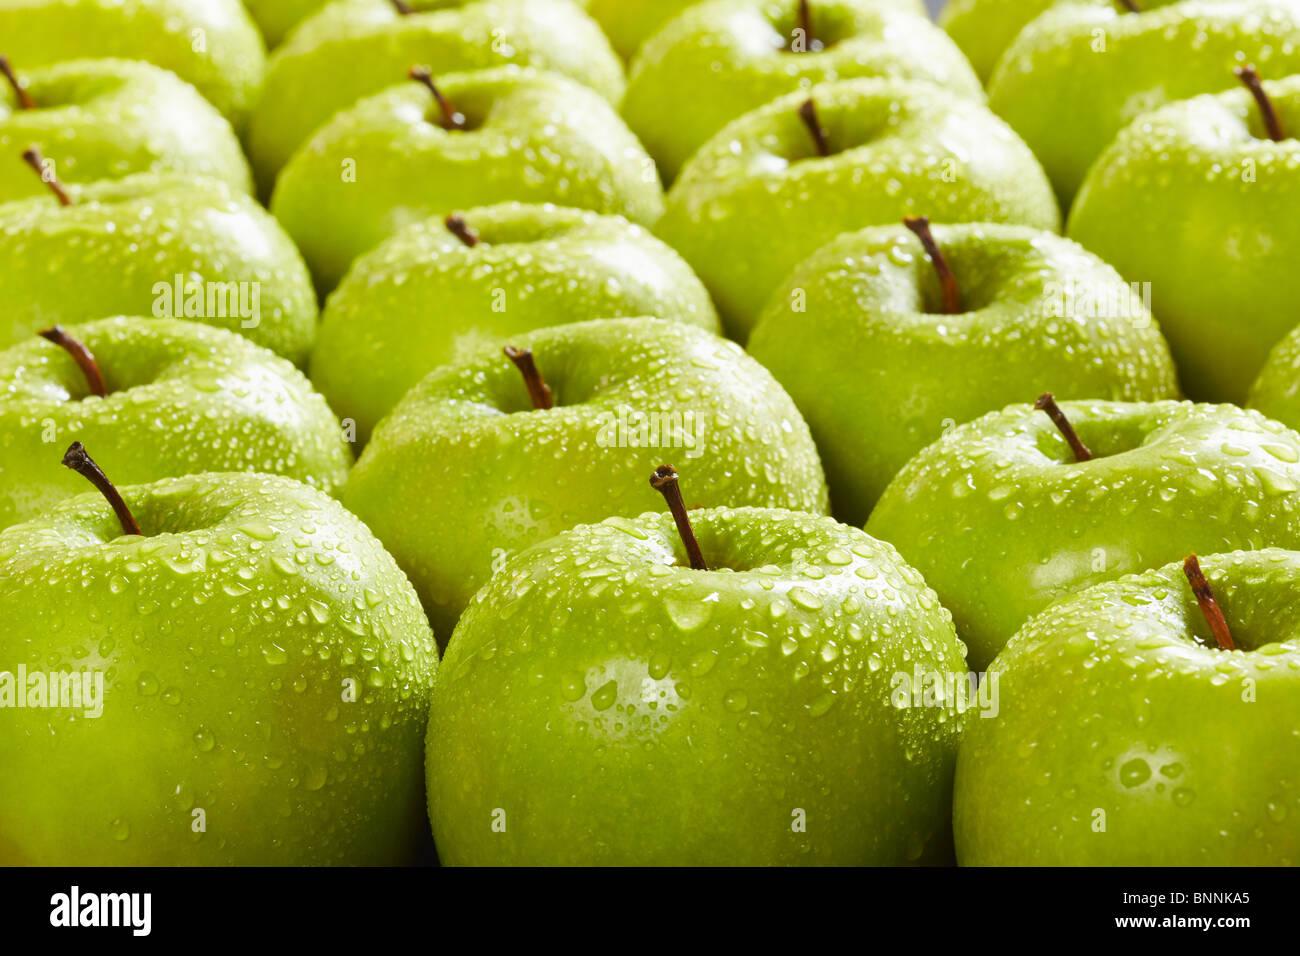 Grand groupe de pommes Granny Smith dans une rangée. Selective focus Photo Stock